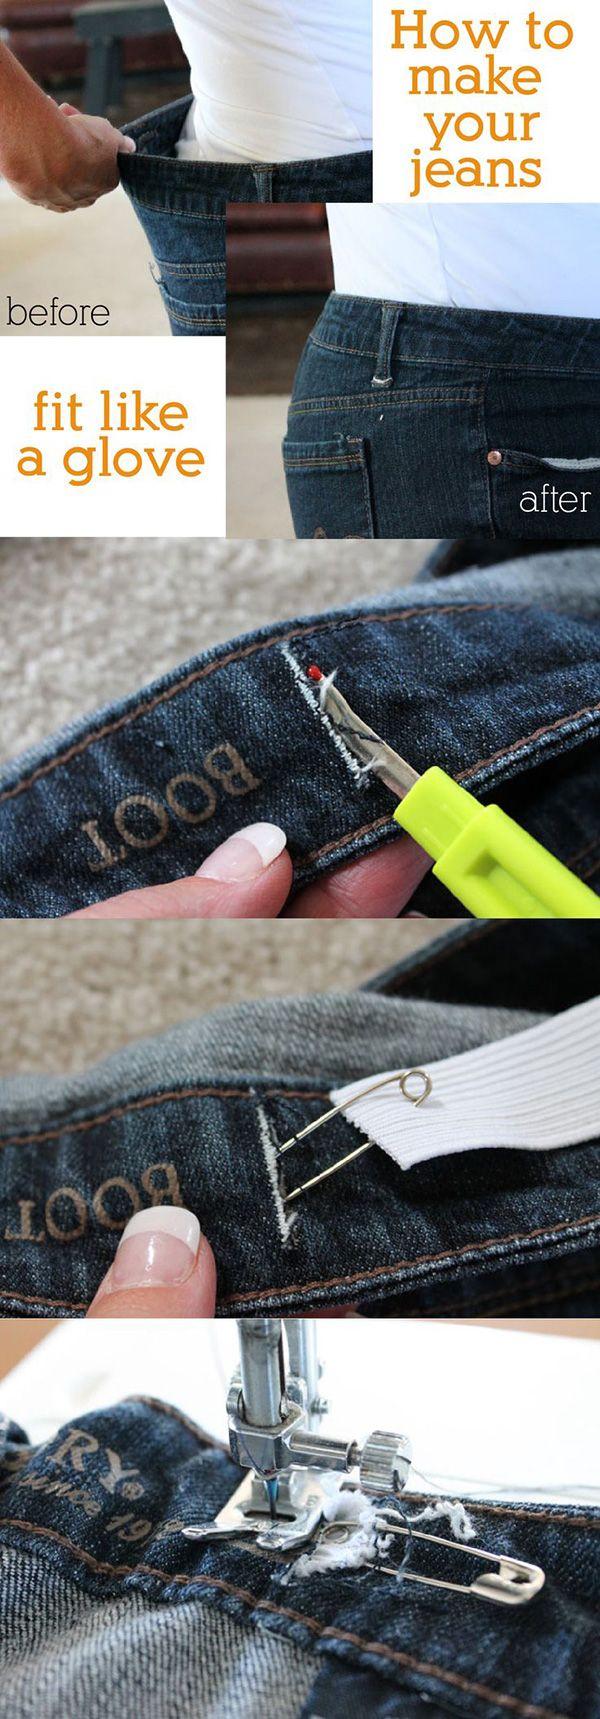 Ahi donde lo ves, este tip salvará muchos pantalones que estaban por ser desechados.